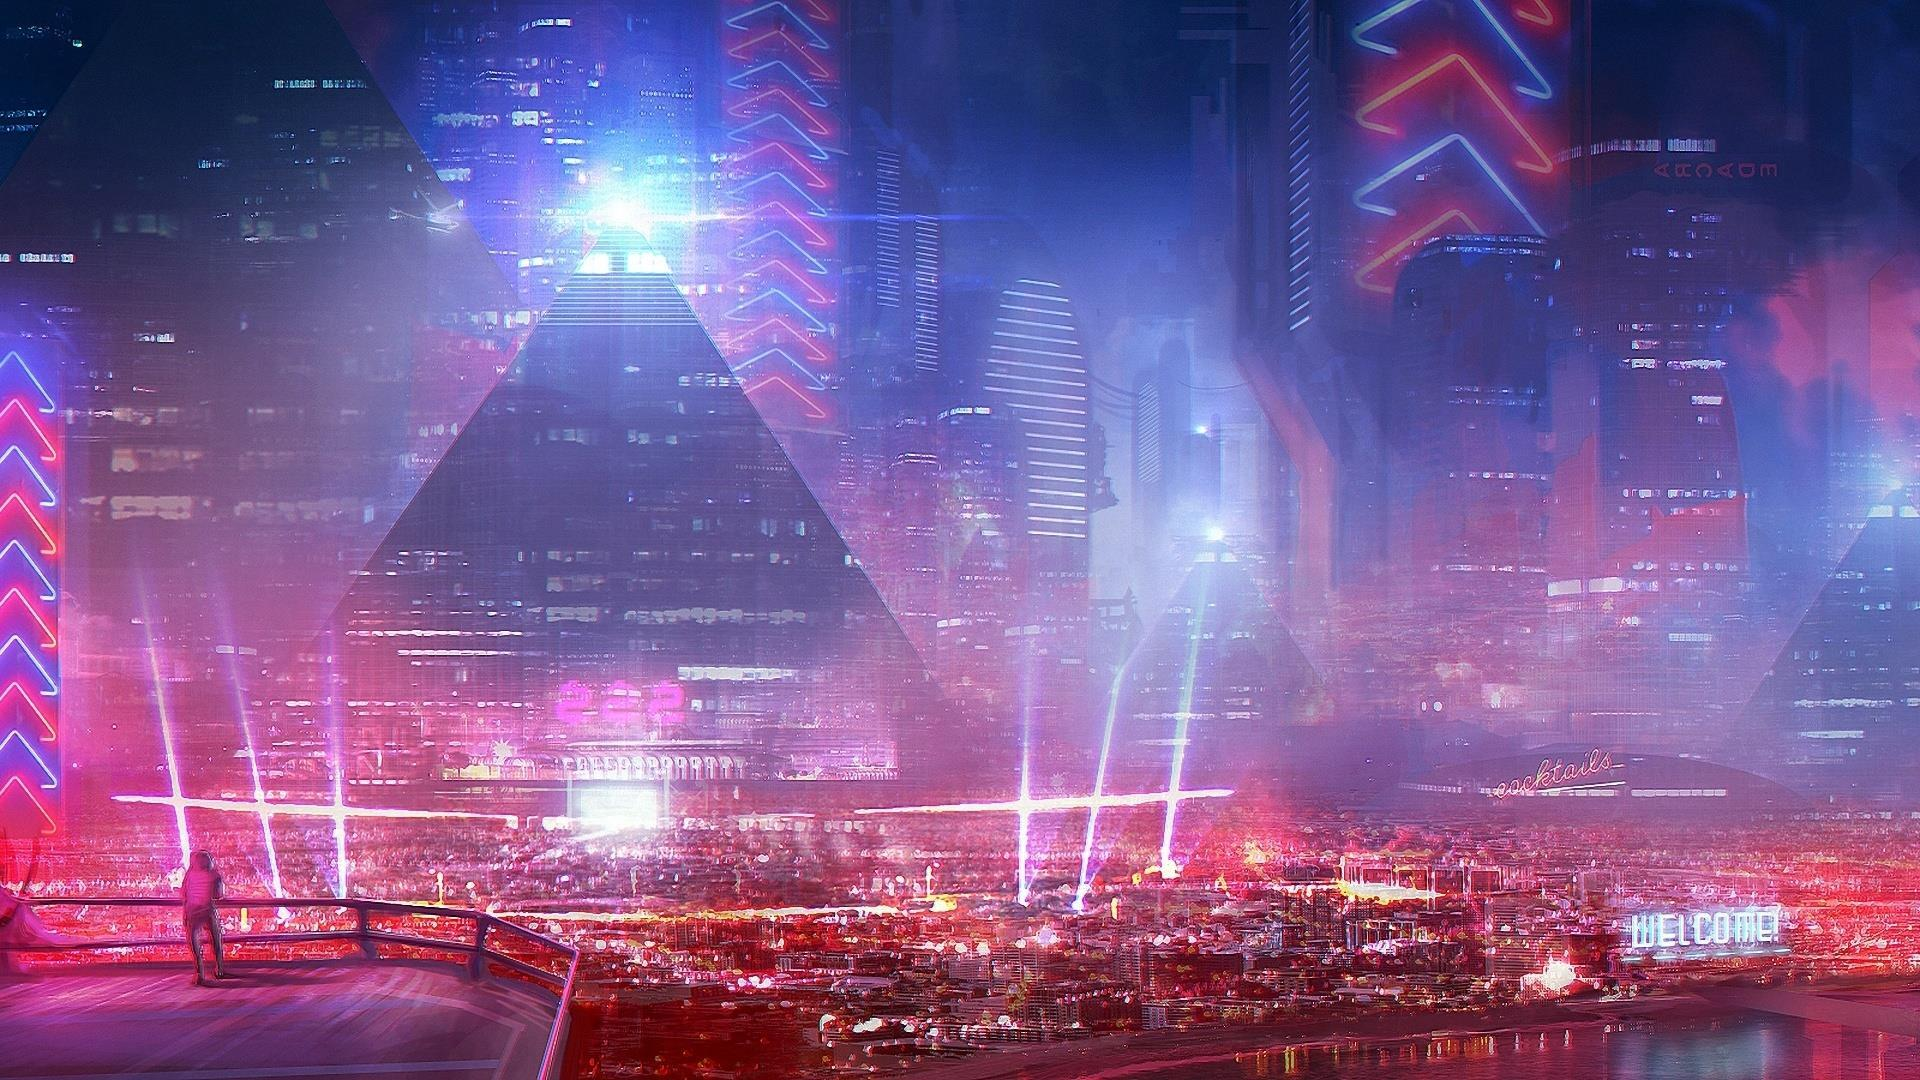 fond-ecran-architecture-et-urbanisme-futuriste_3